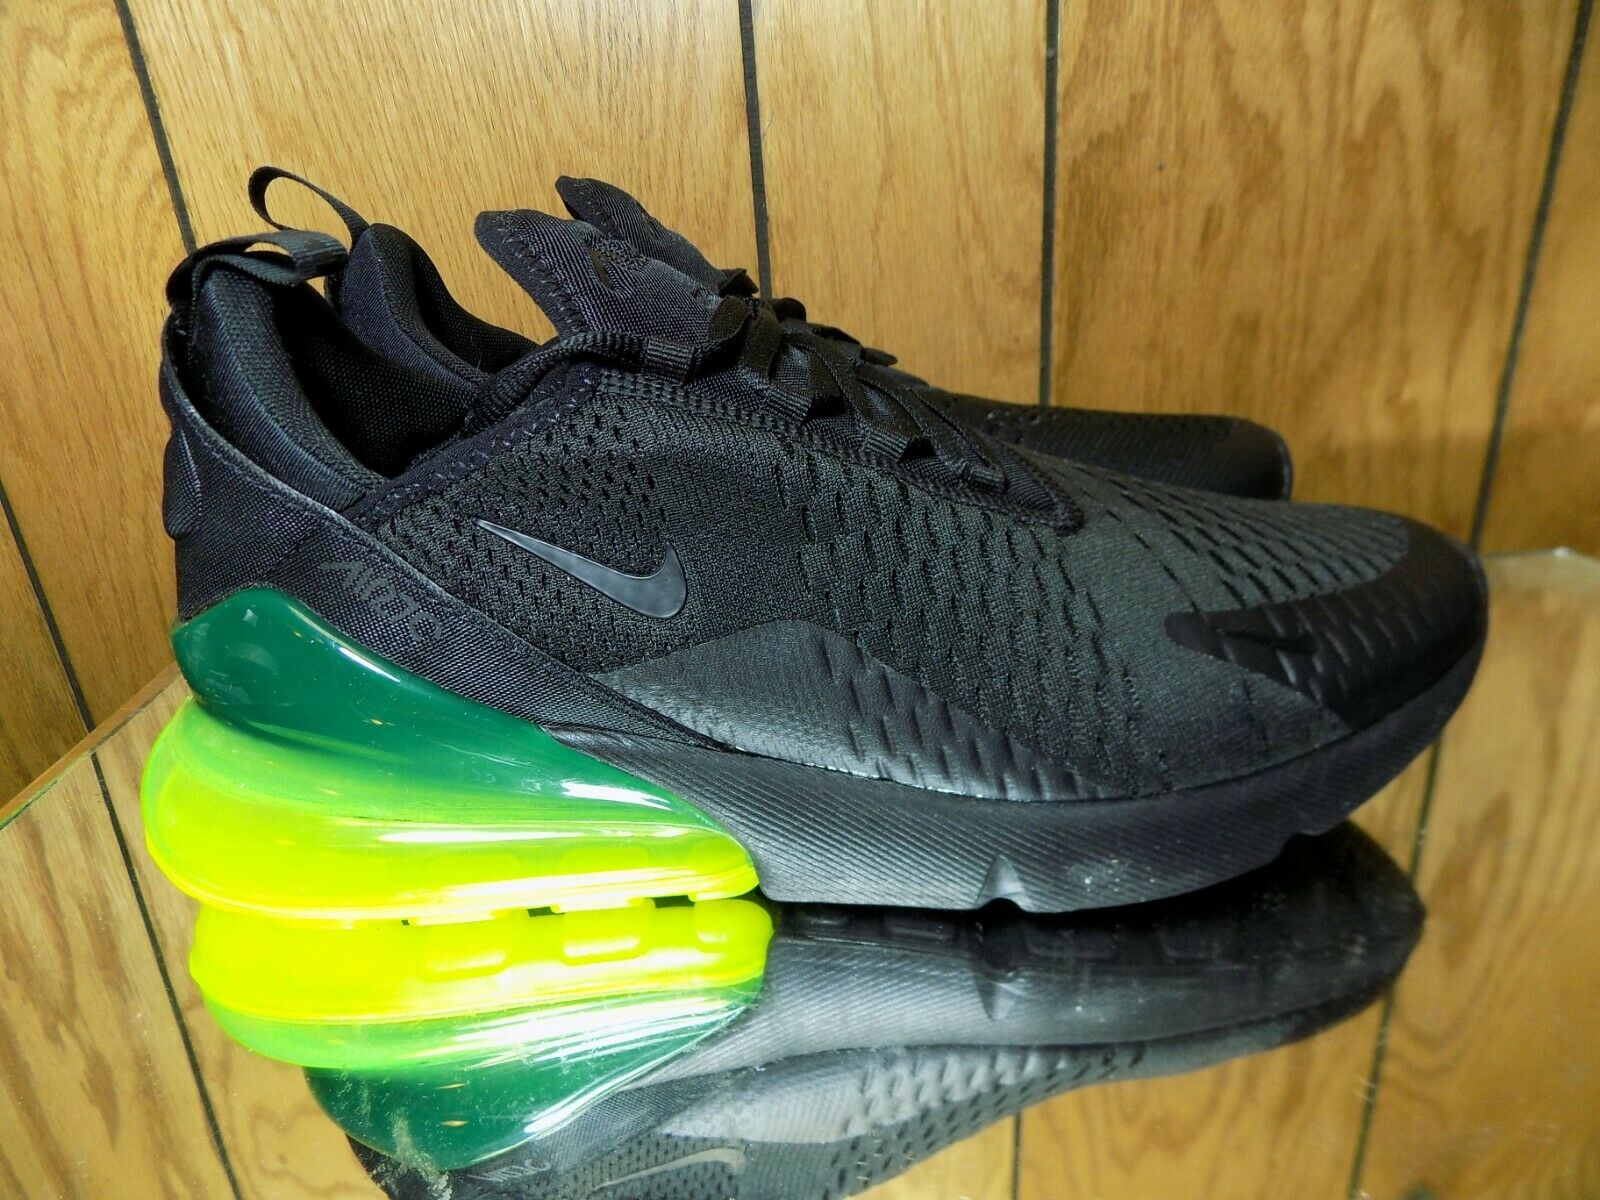 Nike AIR MAX 270 Running shoes Black Volt (AH8050 011) Men's Sz 11.5 New